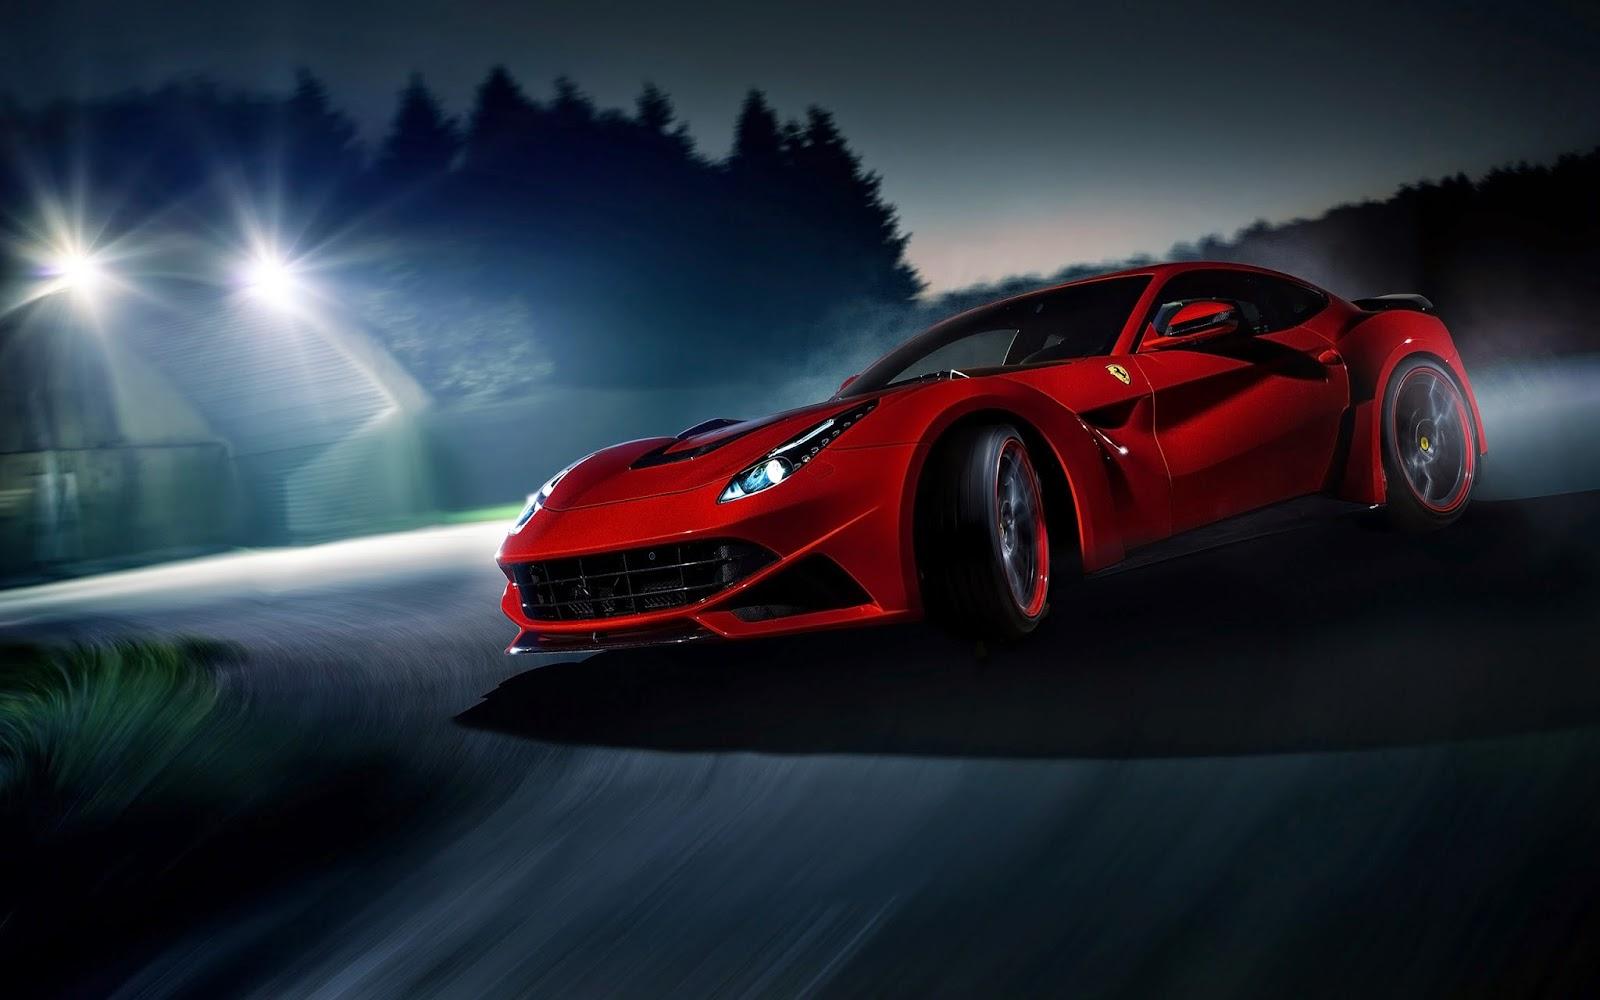 Gambar Mobil Balap Mobil Sport dan Mobil Mewah Yang